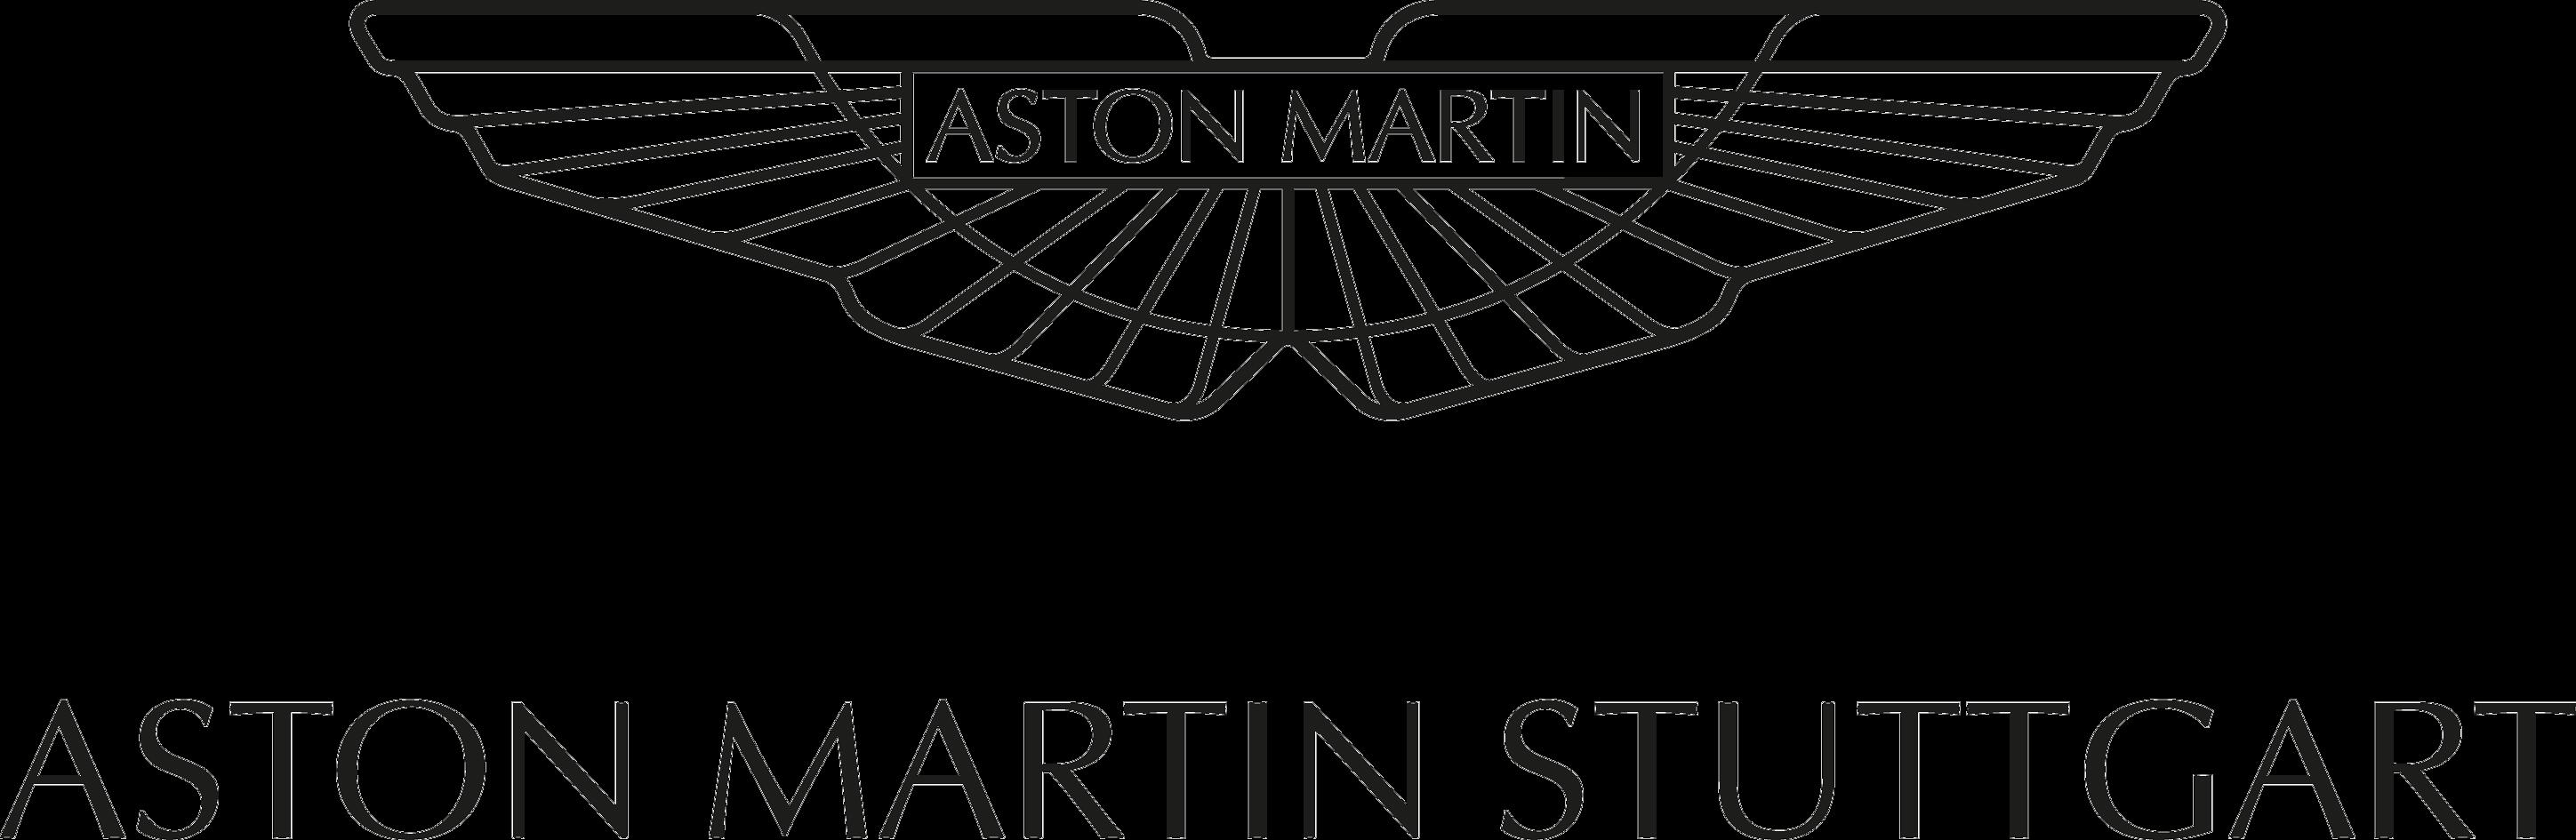 Aston Martin Stuttgart